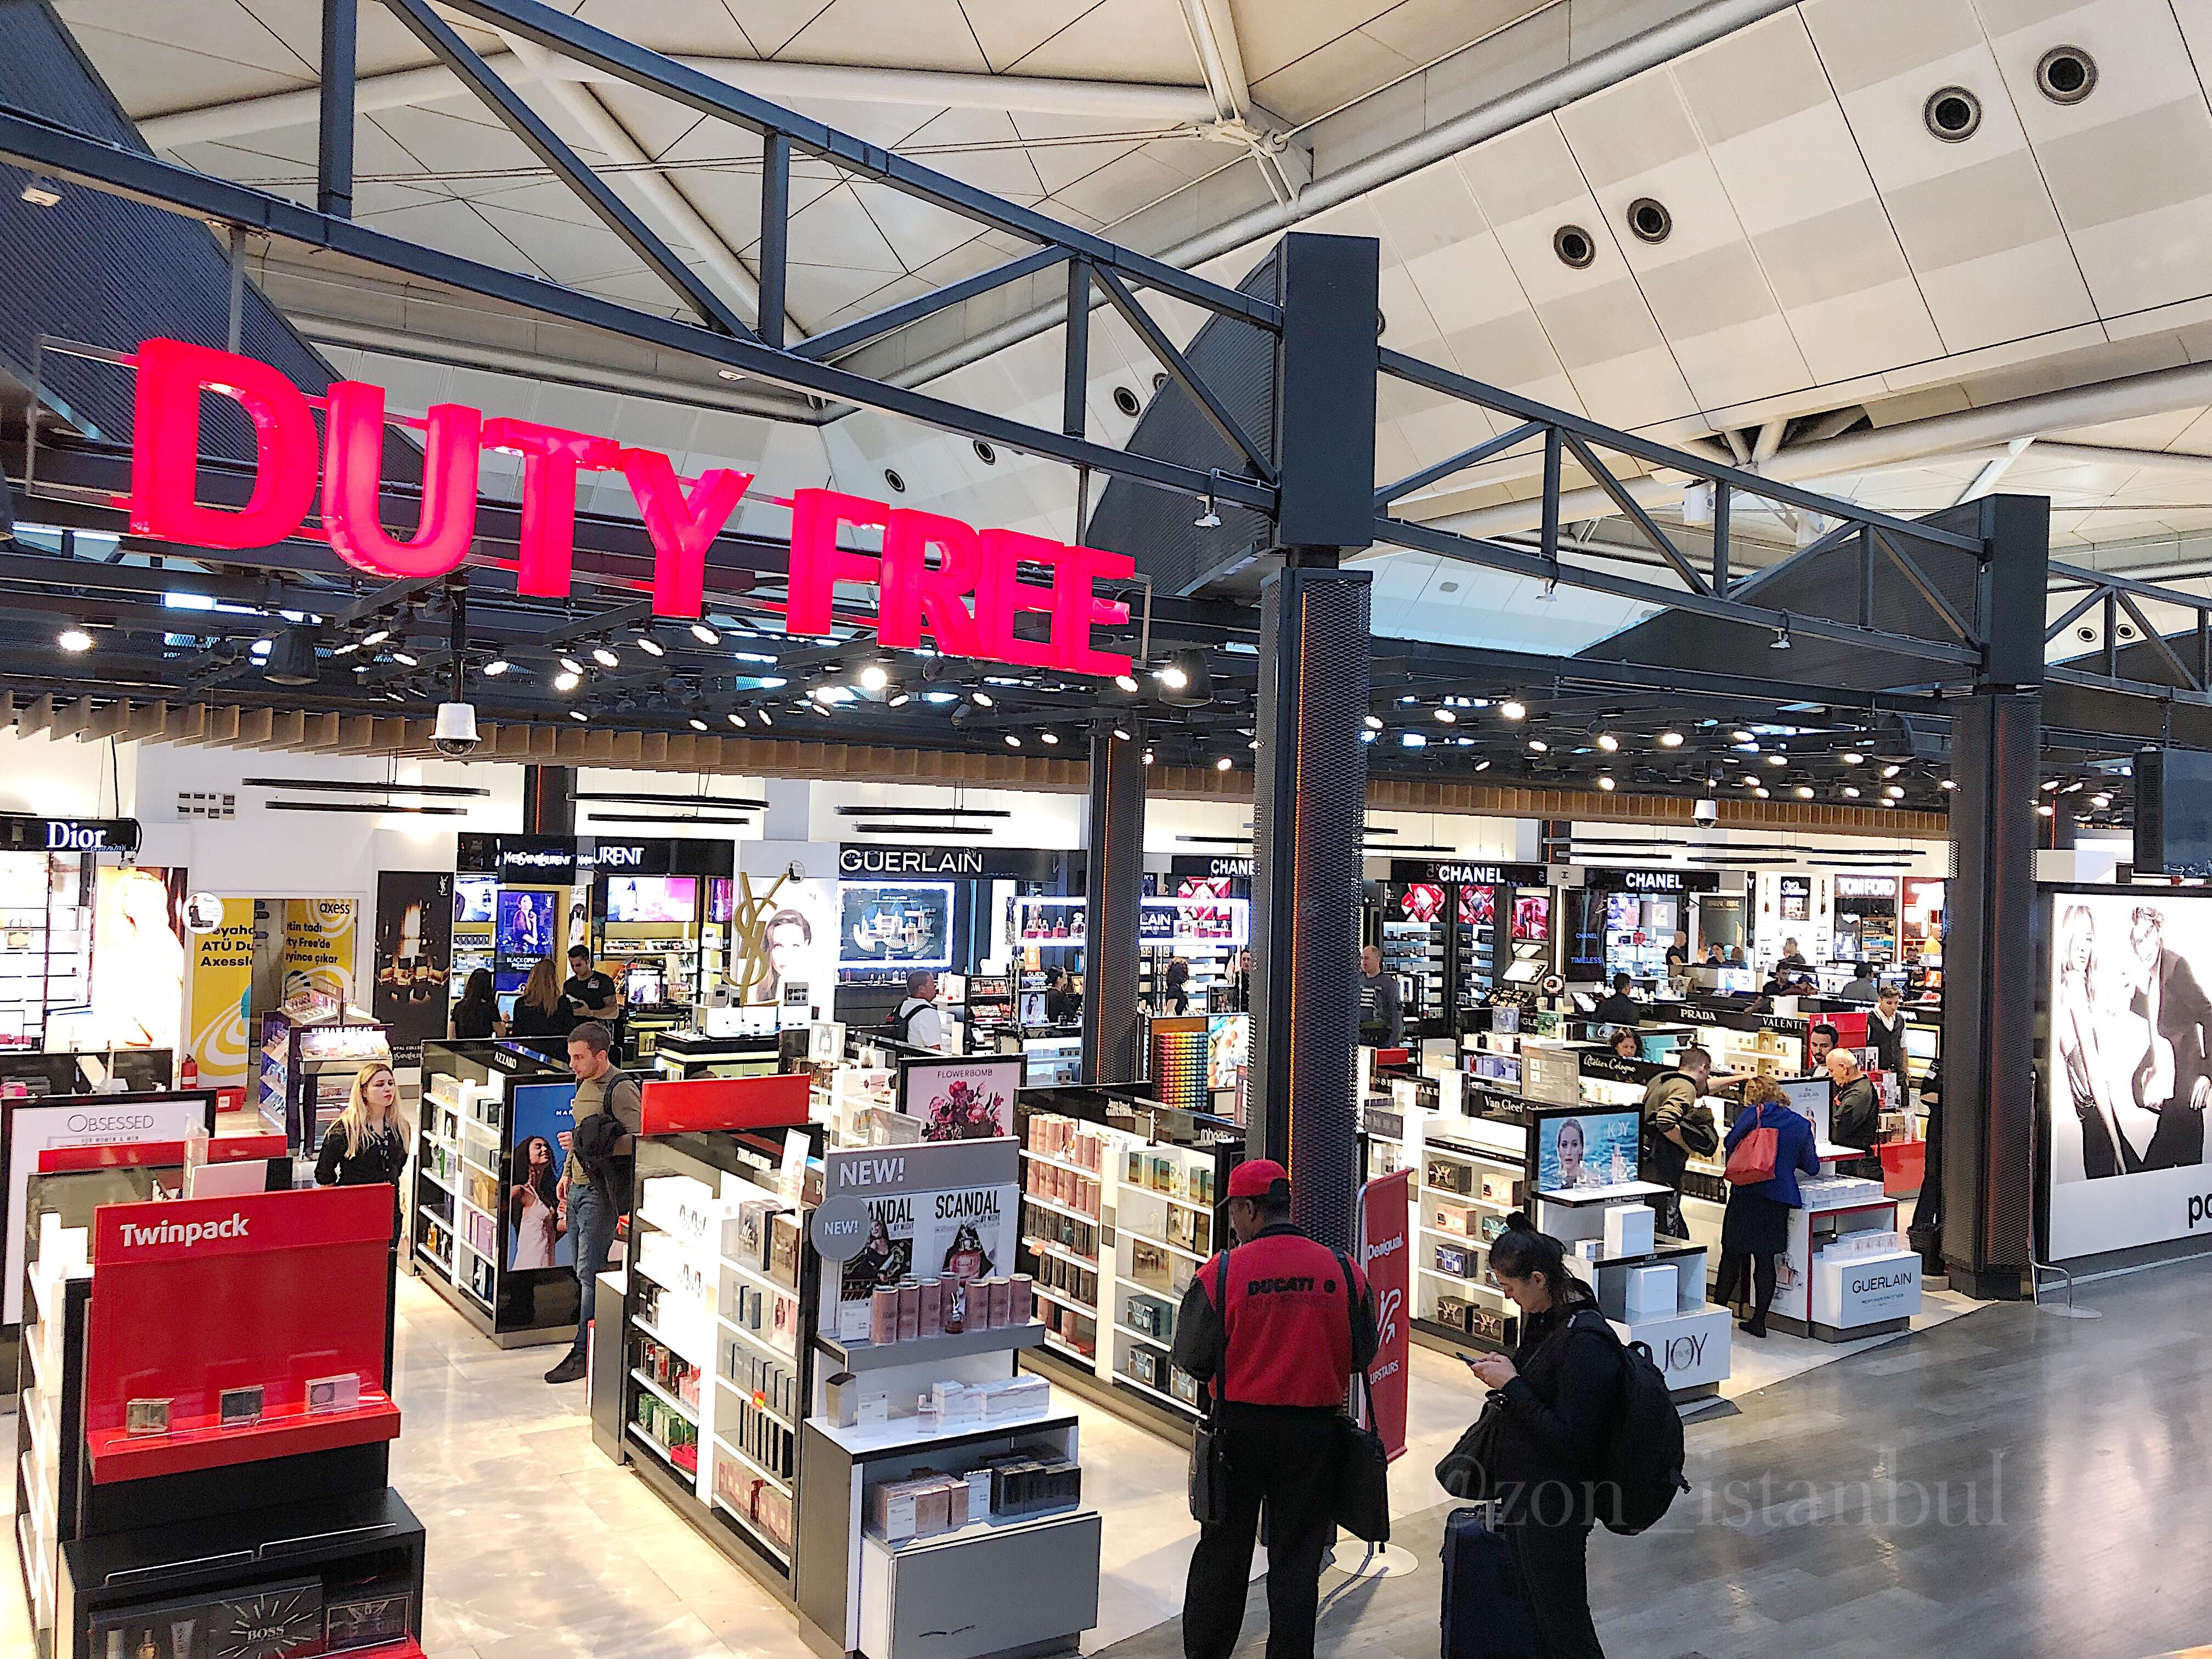 イスタンブール・アタテュルク国際空港・免税店のブランド商品・化粧品など